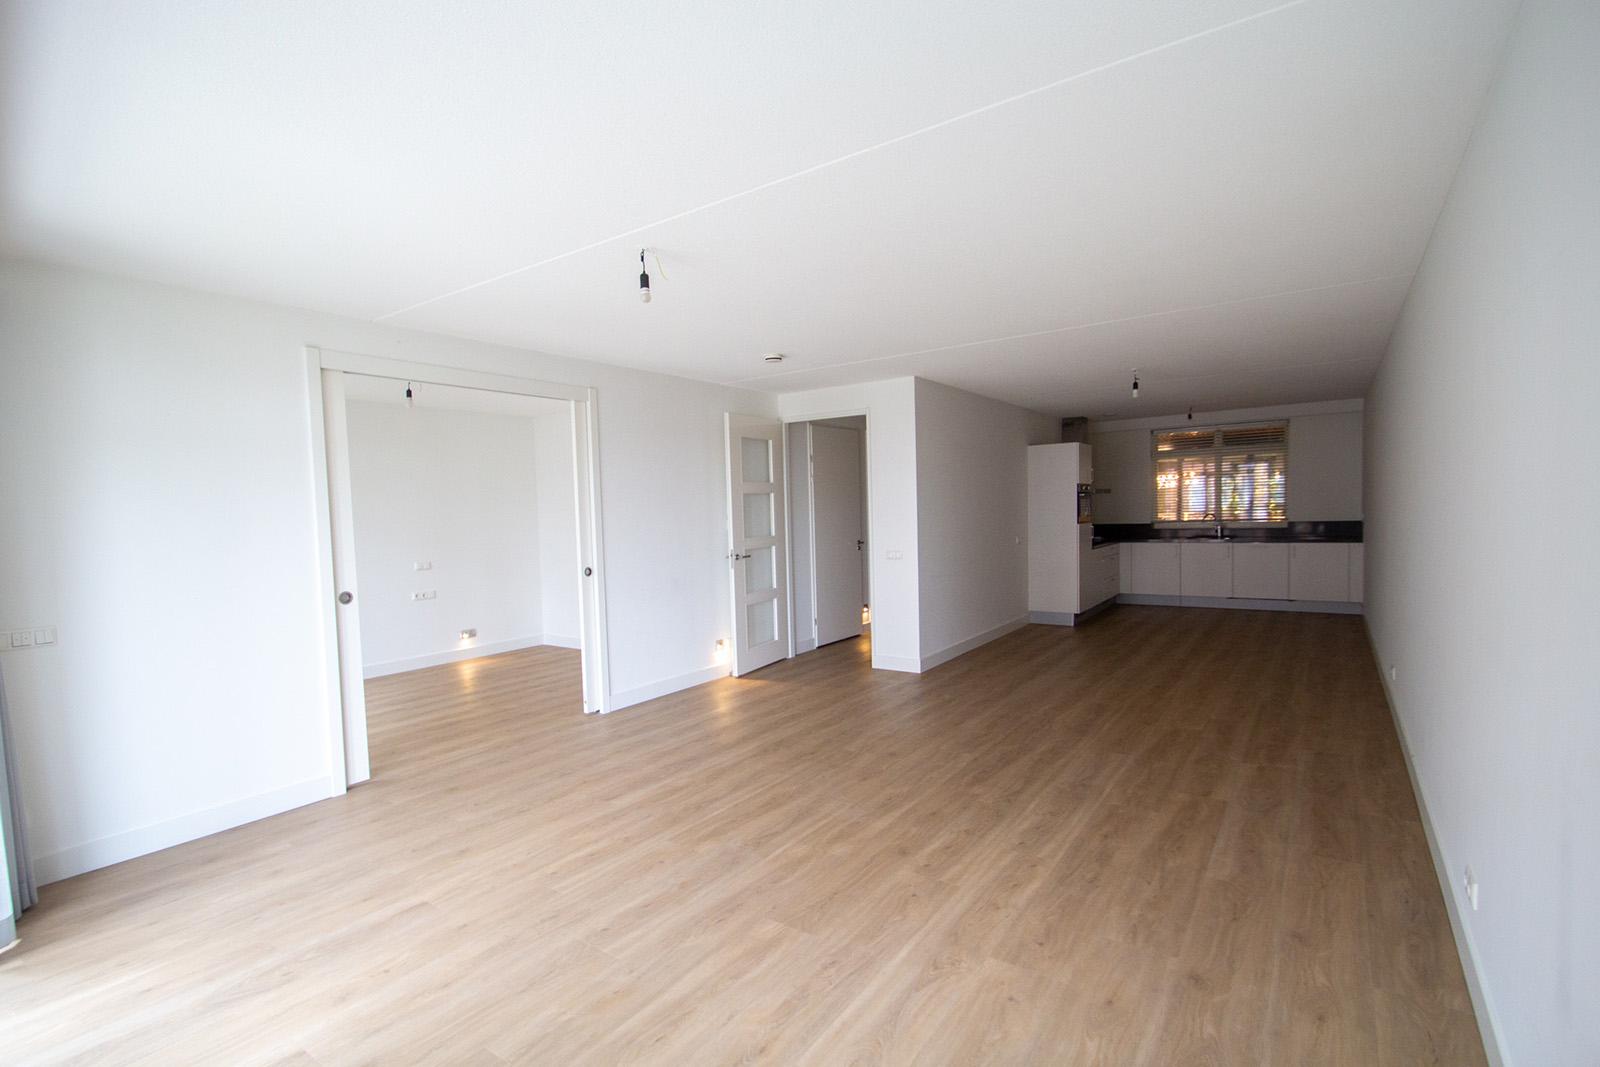 de-klok-420-wonen-in-rijnsburg-woonkamer